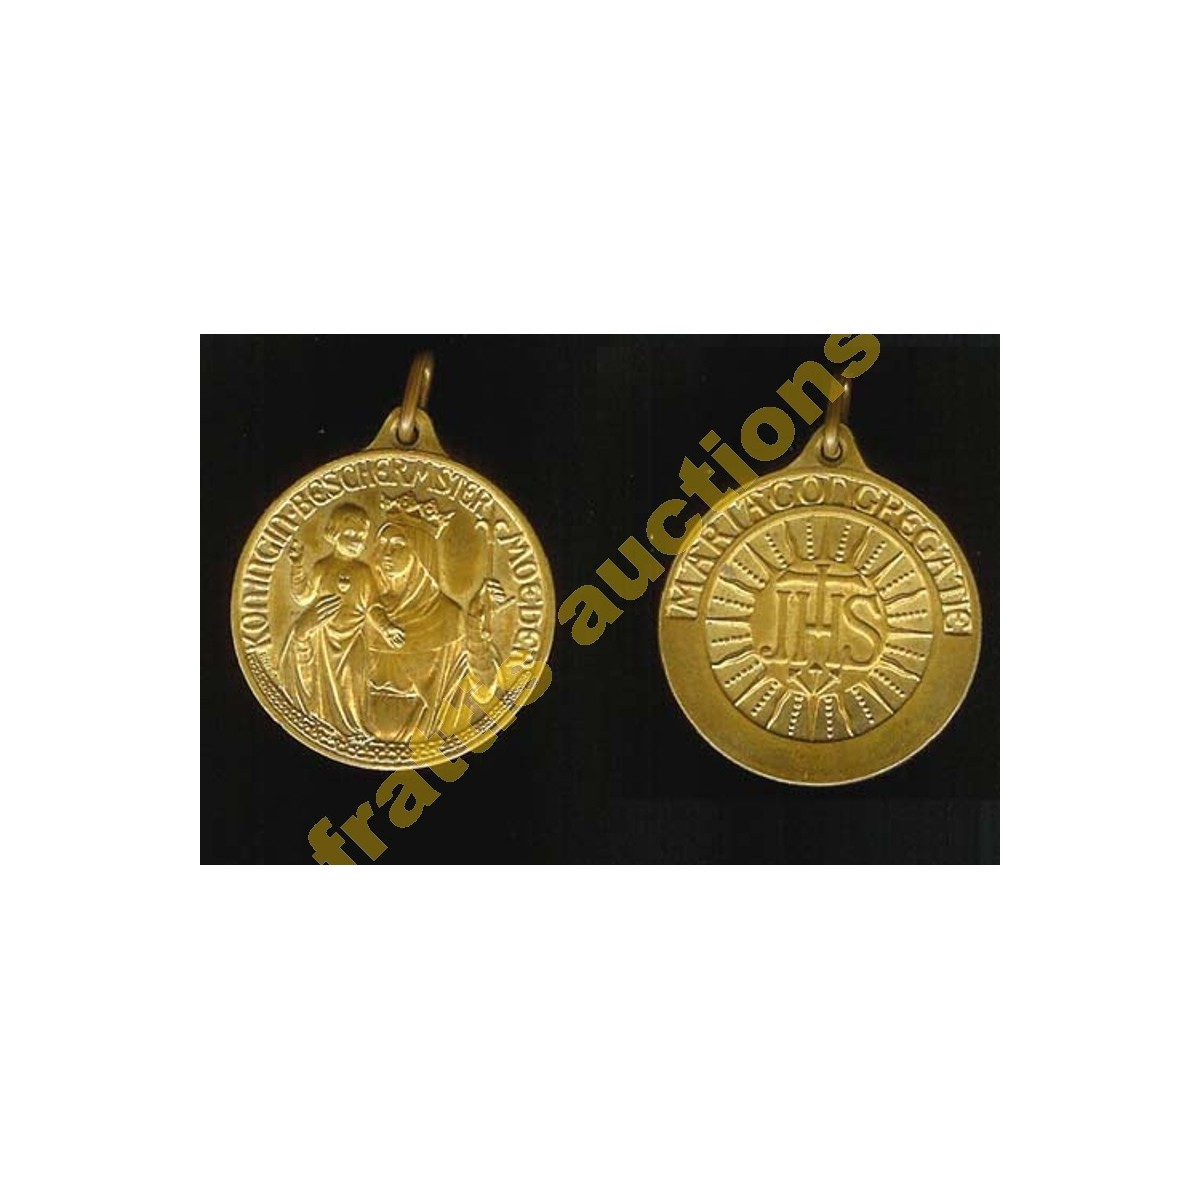 Αναμνηστικό μετάλιο  mariacongregate